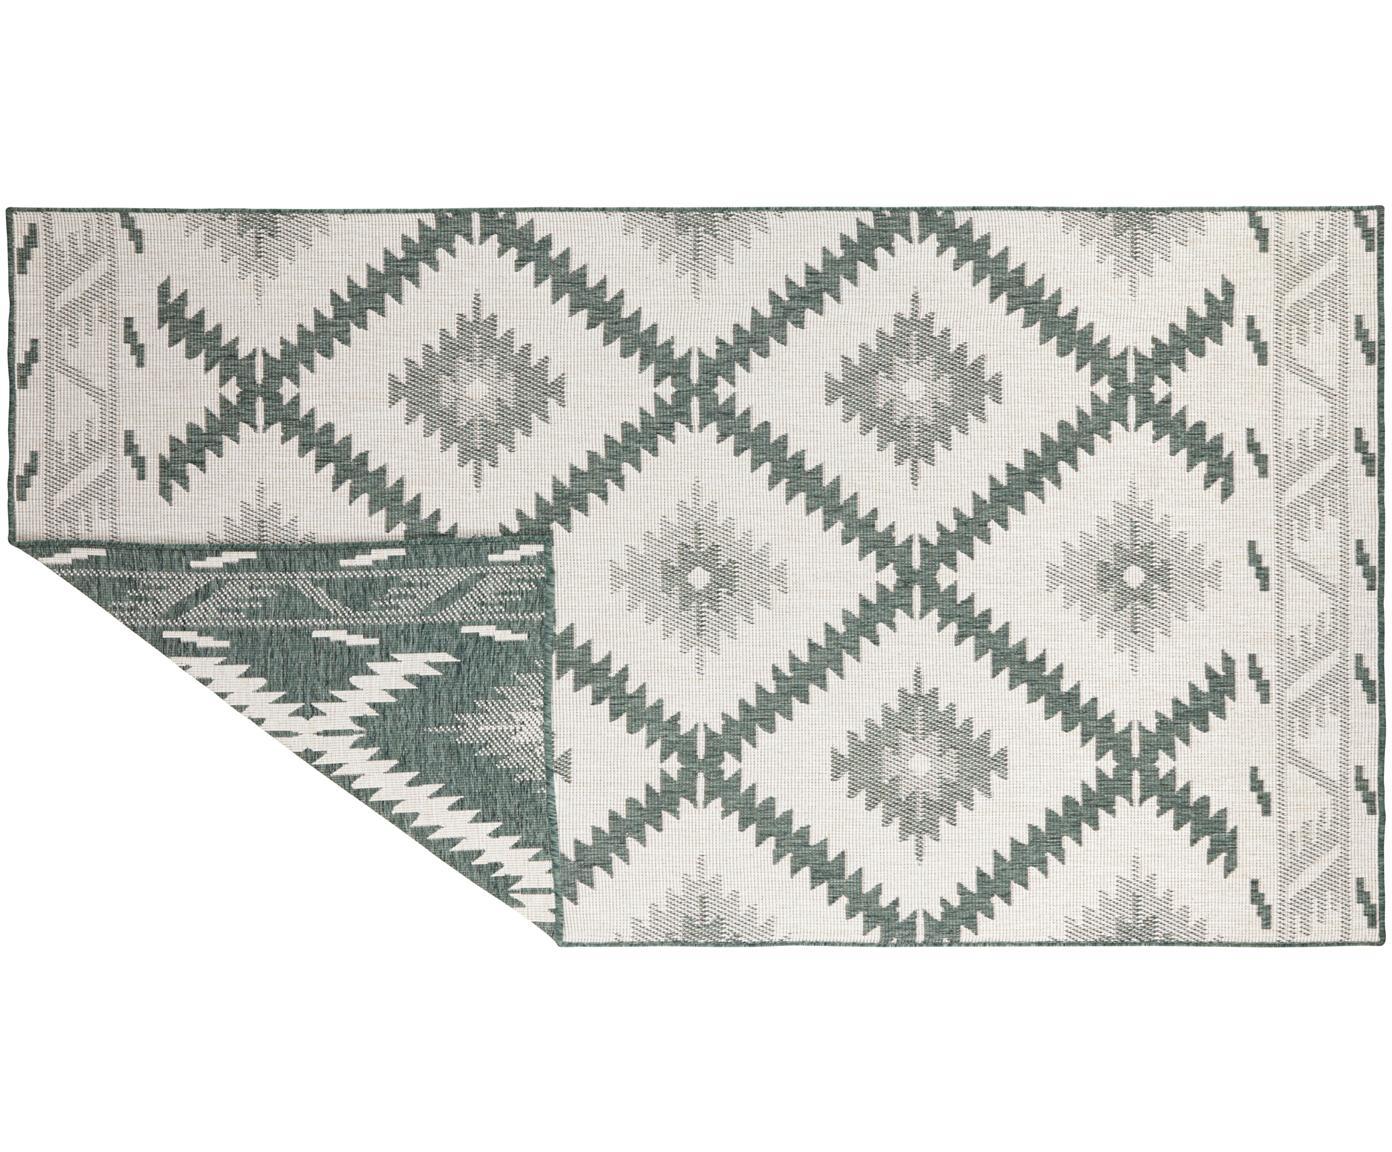 In- und Outdoor-Wendeteppich Malibu in Grün/Creme, Grün, Creme, B 80 x L 150 cm (Grösse XS)